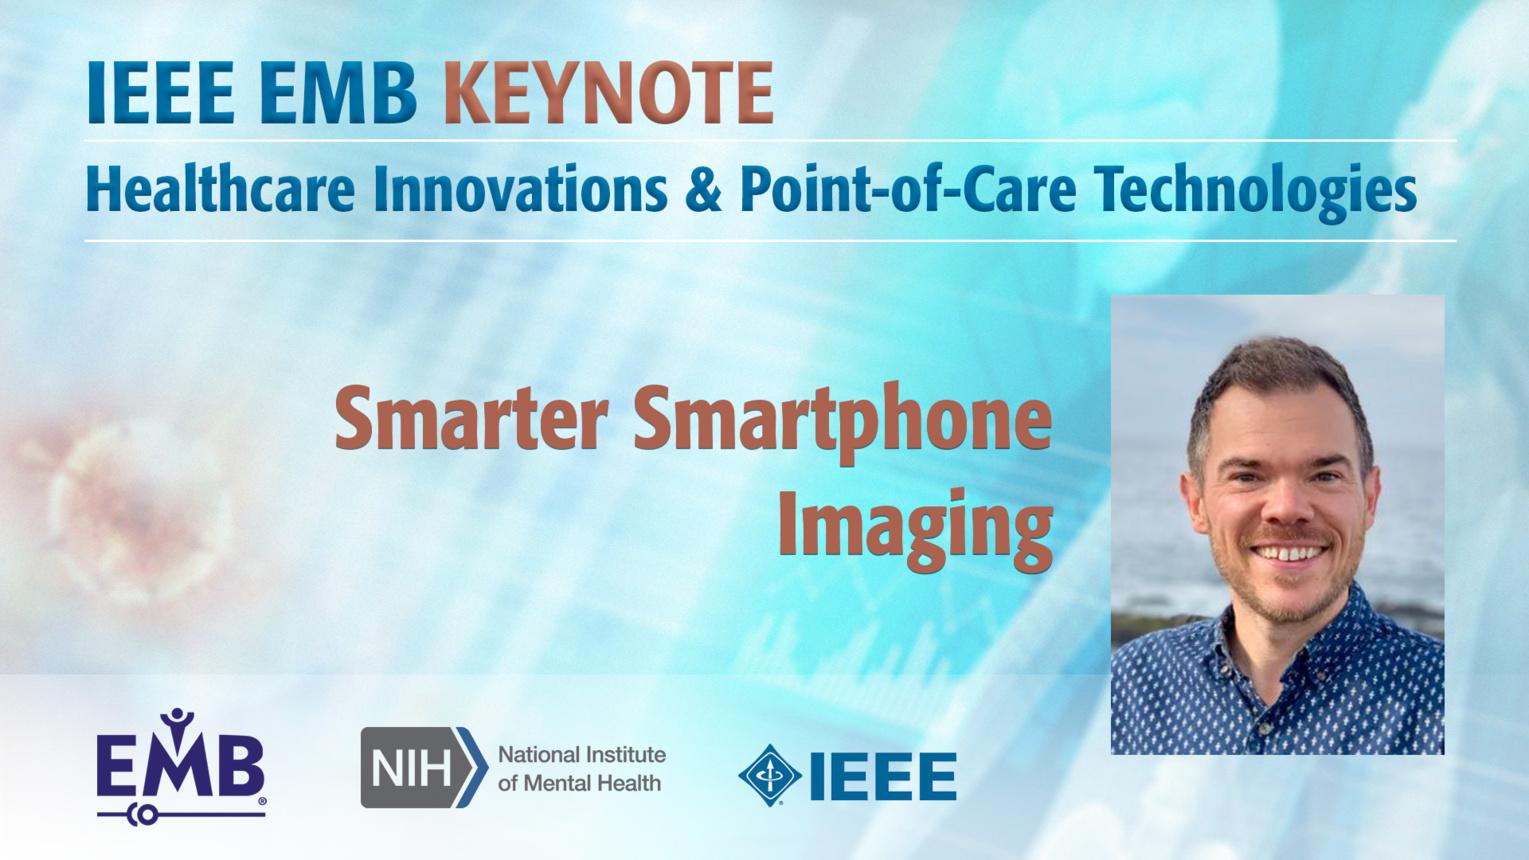 Smarter Smartphone Imaging - Erik Douglas - IEEE EMBS at NIH, 2019